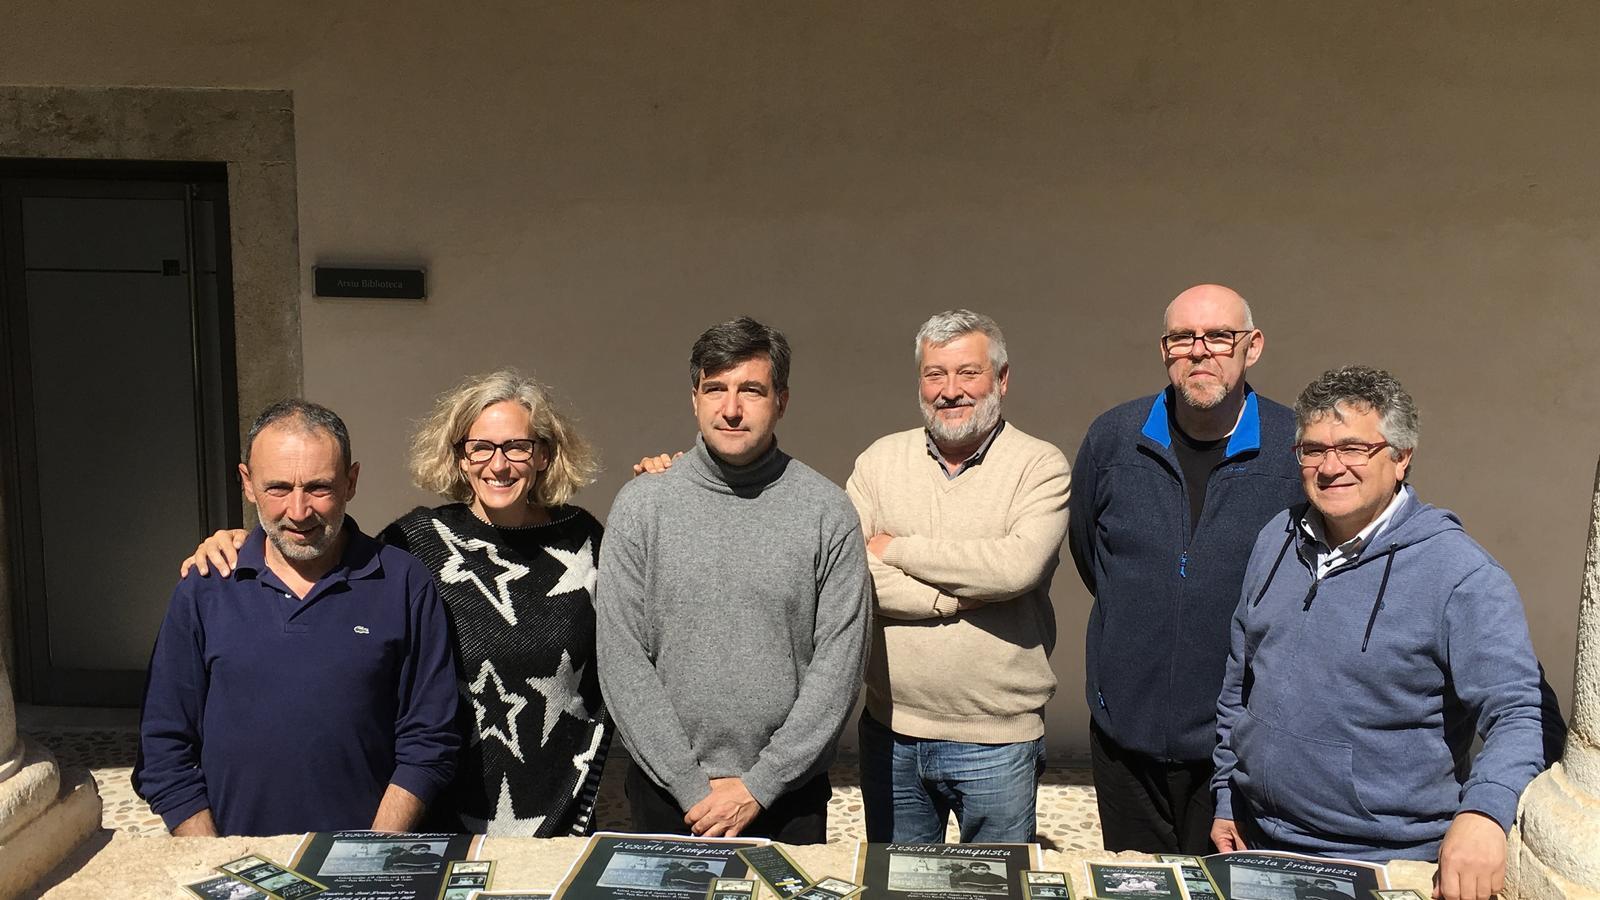 El Dr. Bernat Sureda (tercer per la dreta), de la UIB,  ha coordinat els treballs de l'exposició. / AJUNTAMENT